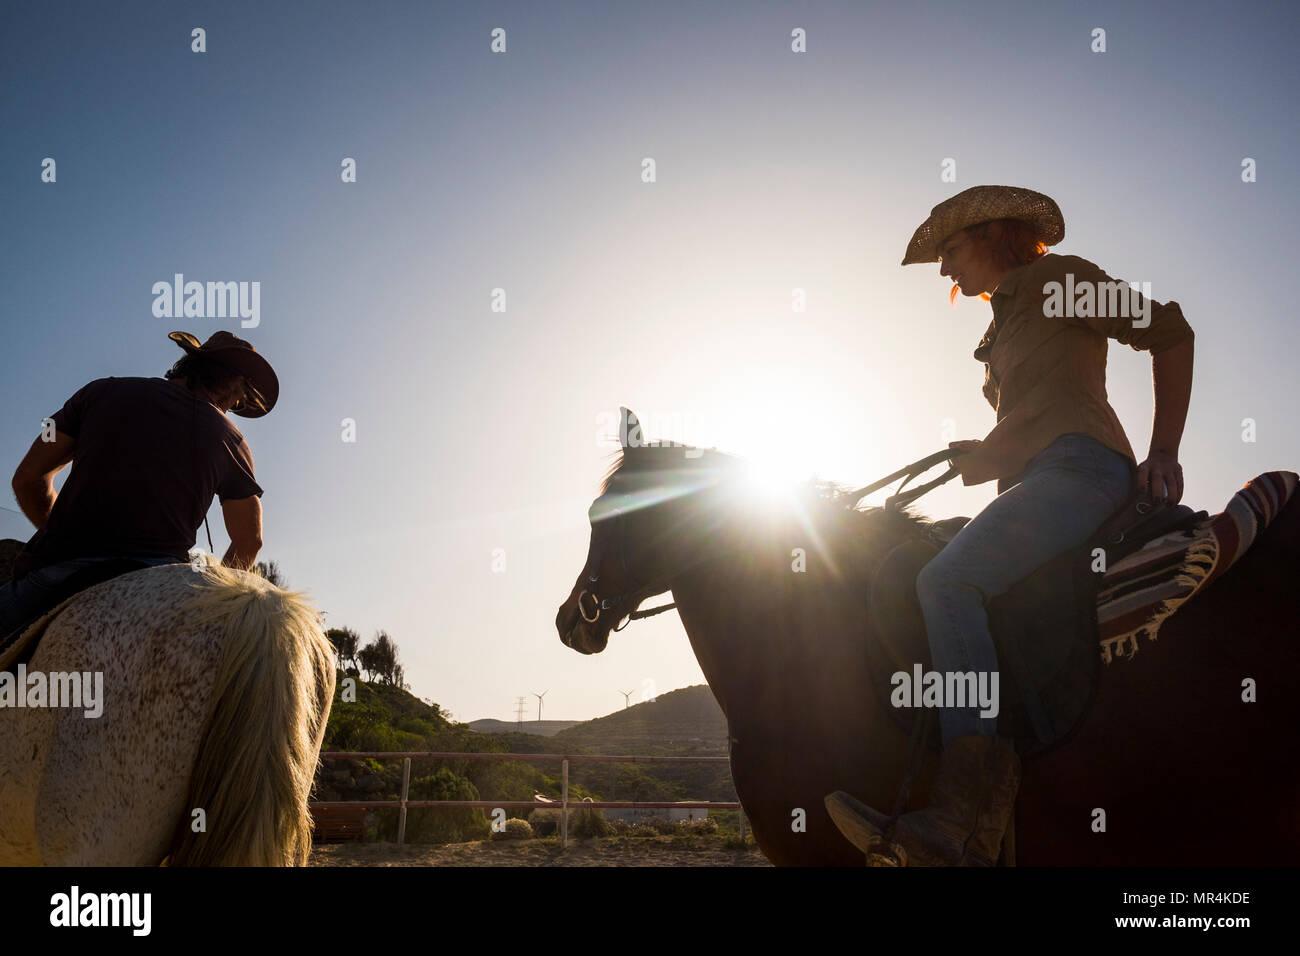 Paar Moderne Cowboys, Mann und Frau, fahren zwei Pferde im Freien mit Sunflare und Hintergrundbeleuchtung. Berge und Wind Mill im Hintergrund. nette junge auf vacat Stockbild